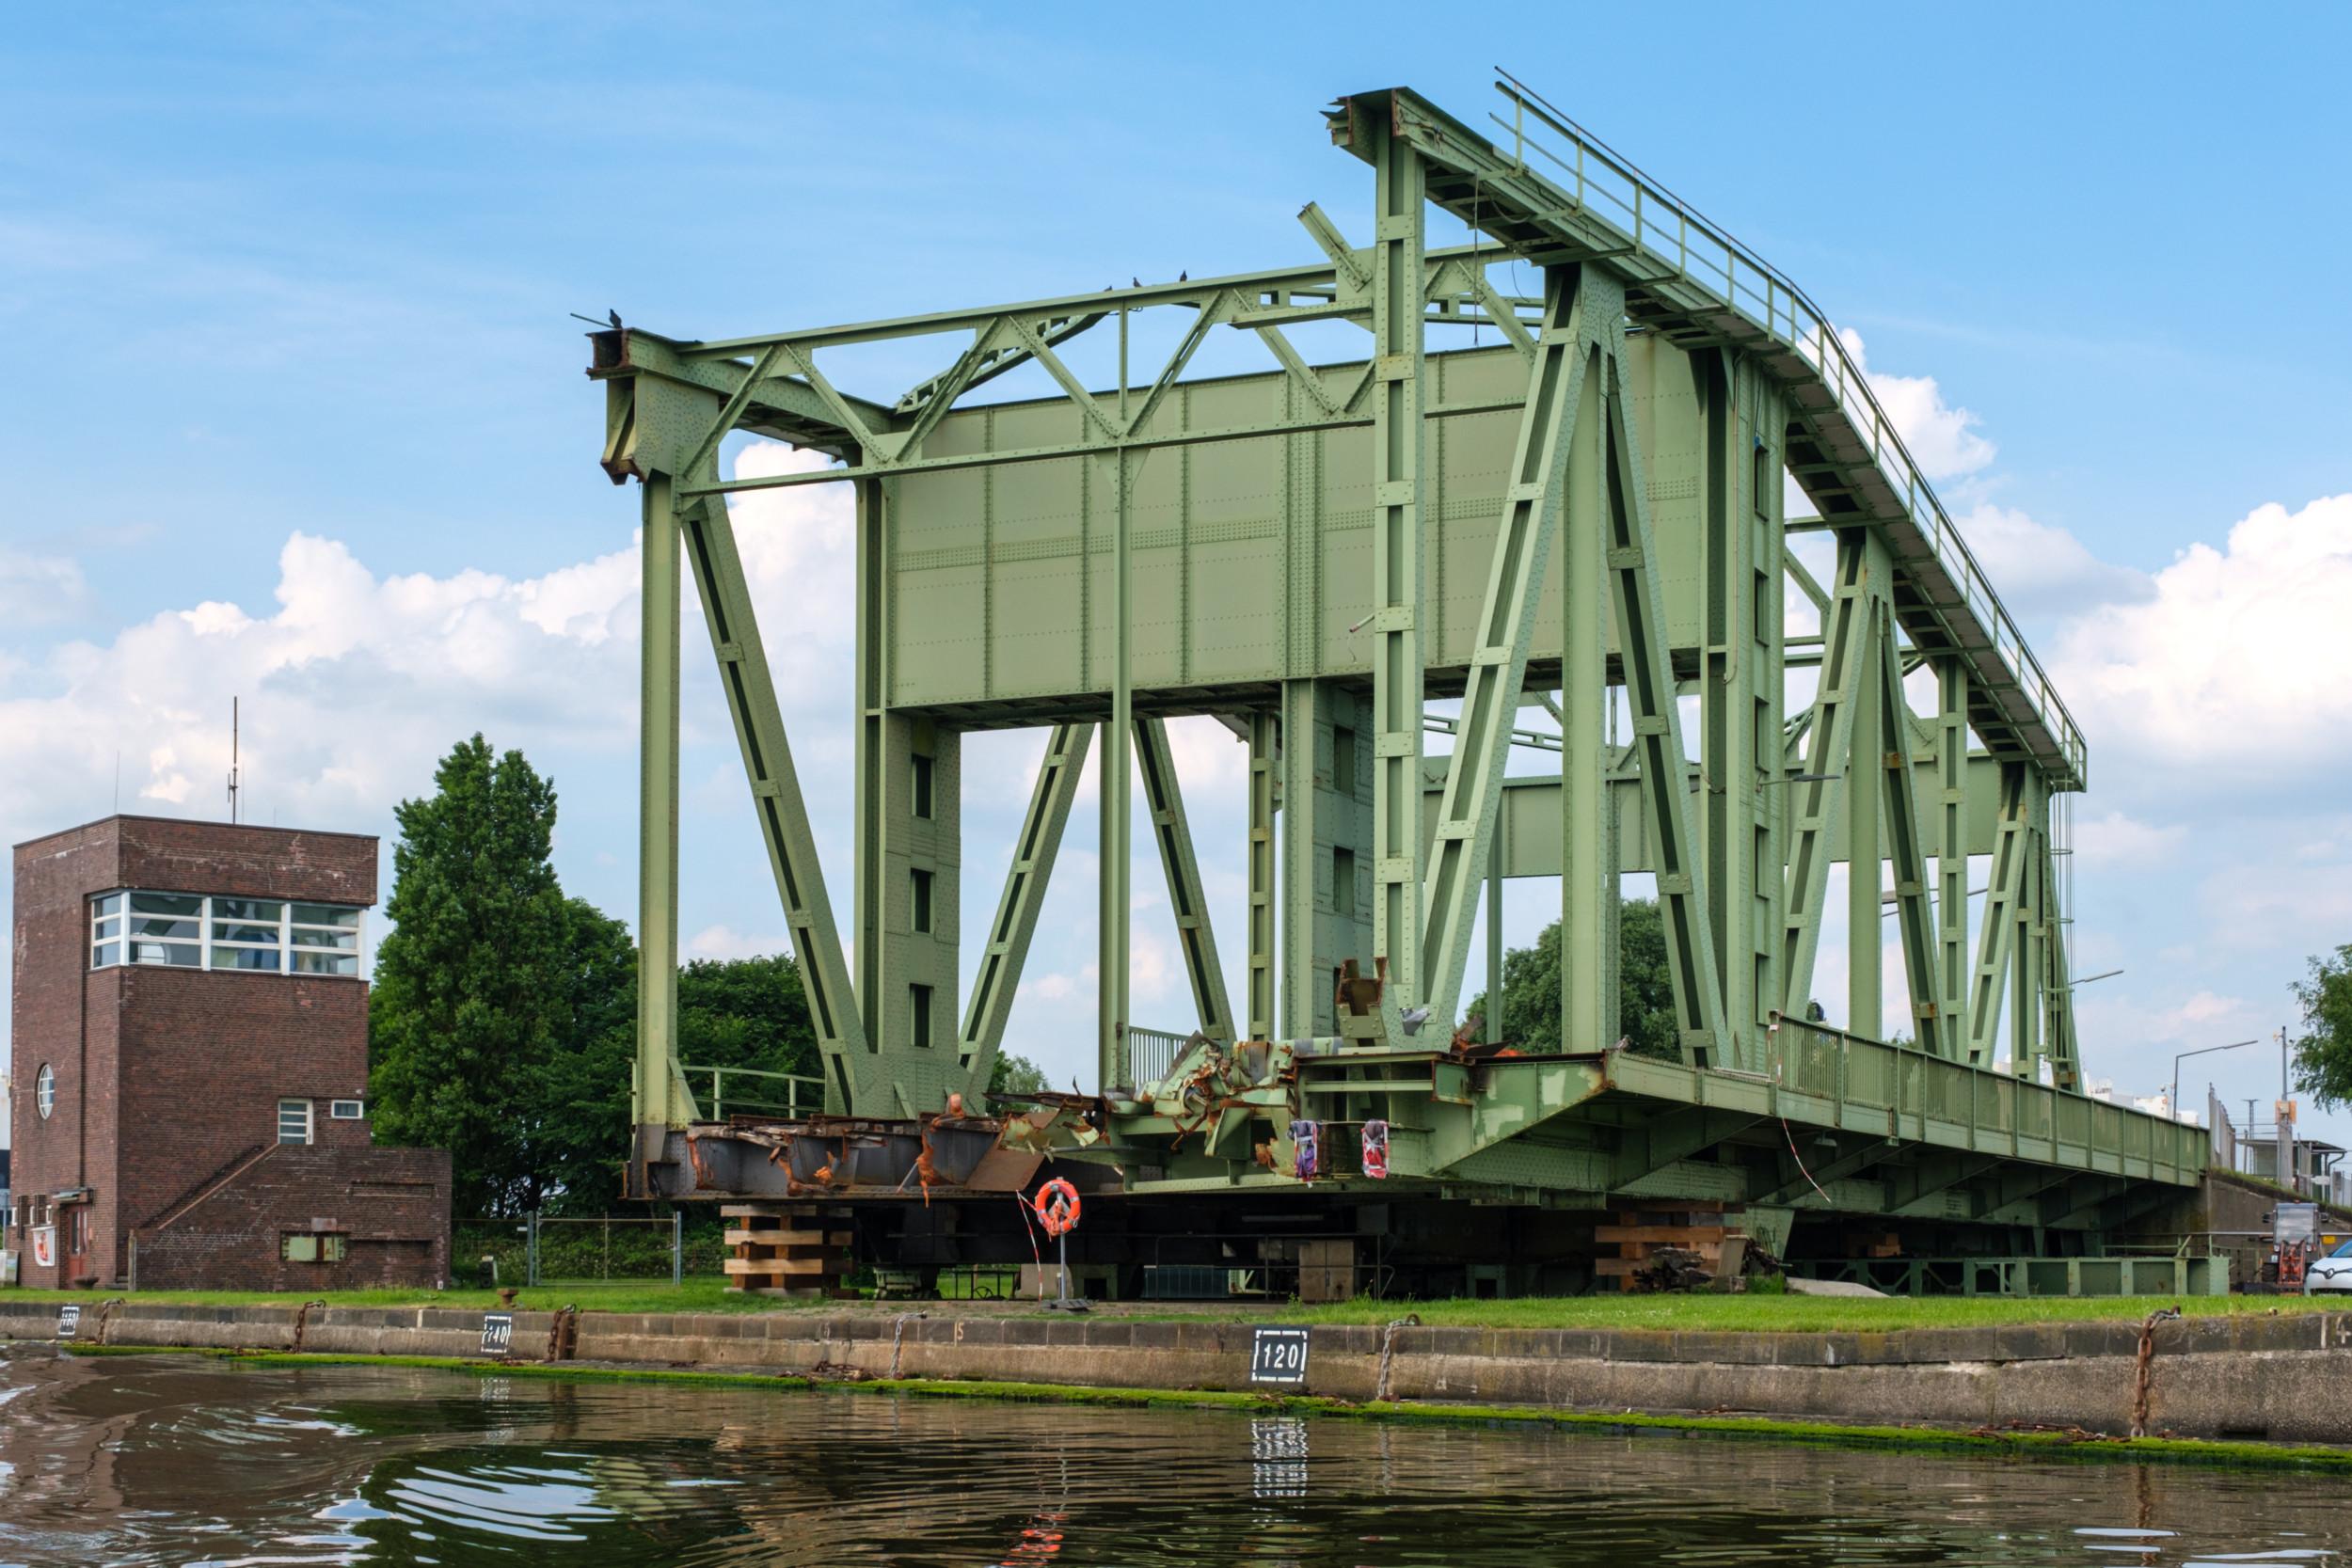 Zerstörte Brücke im Überseehafen - Bremerhaven